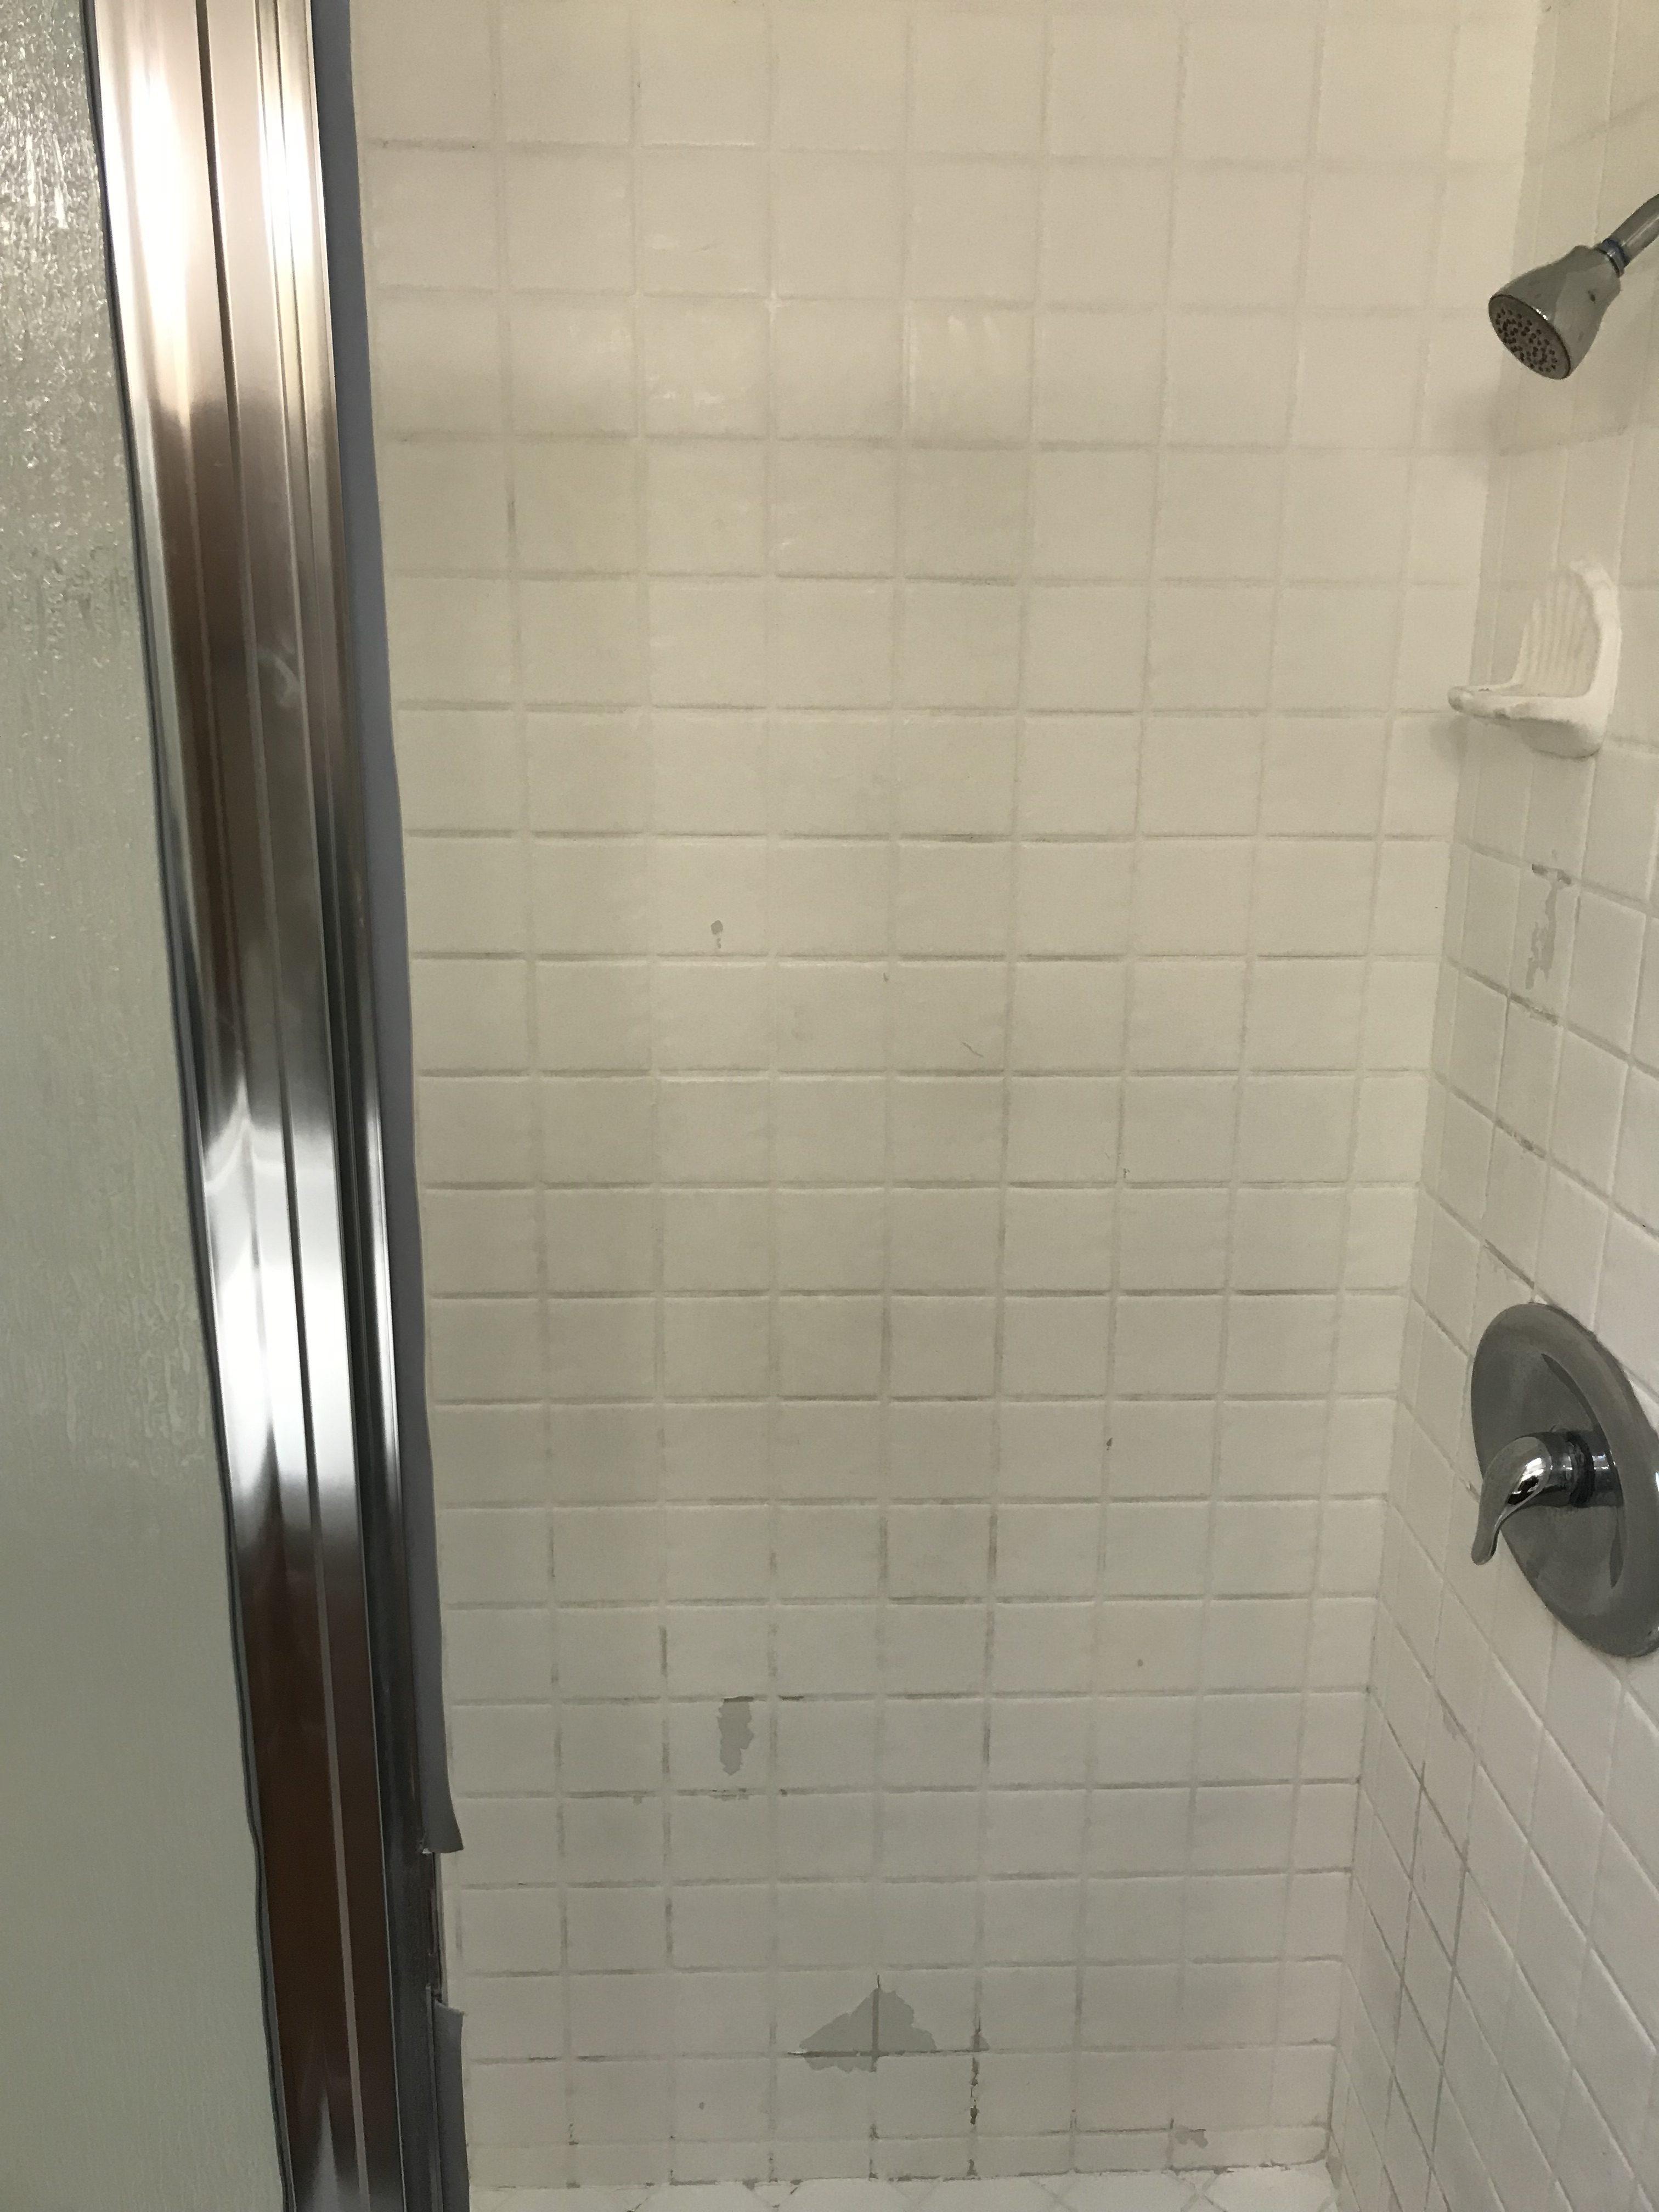 Shower Tile Resurfacing Before After - NuFinishPro